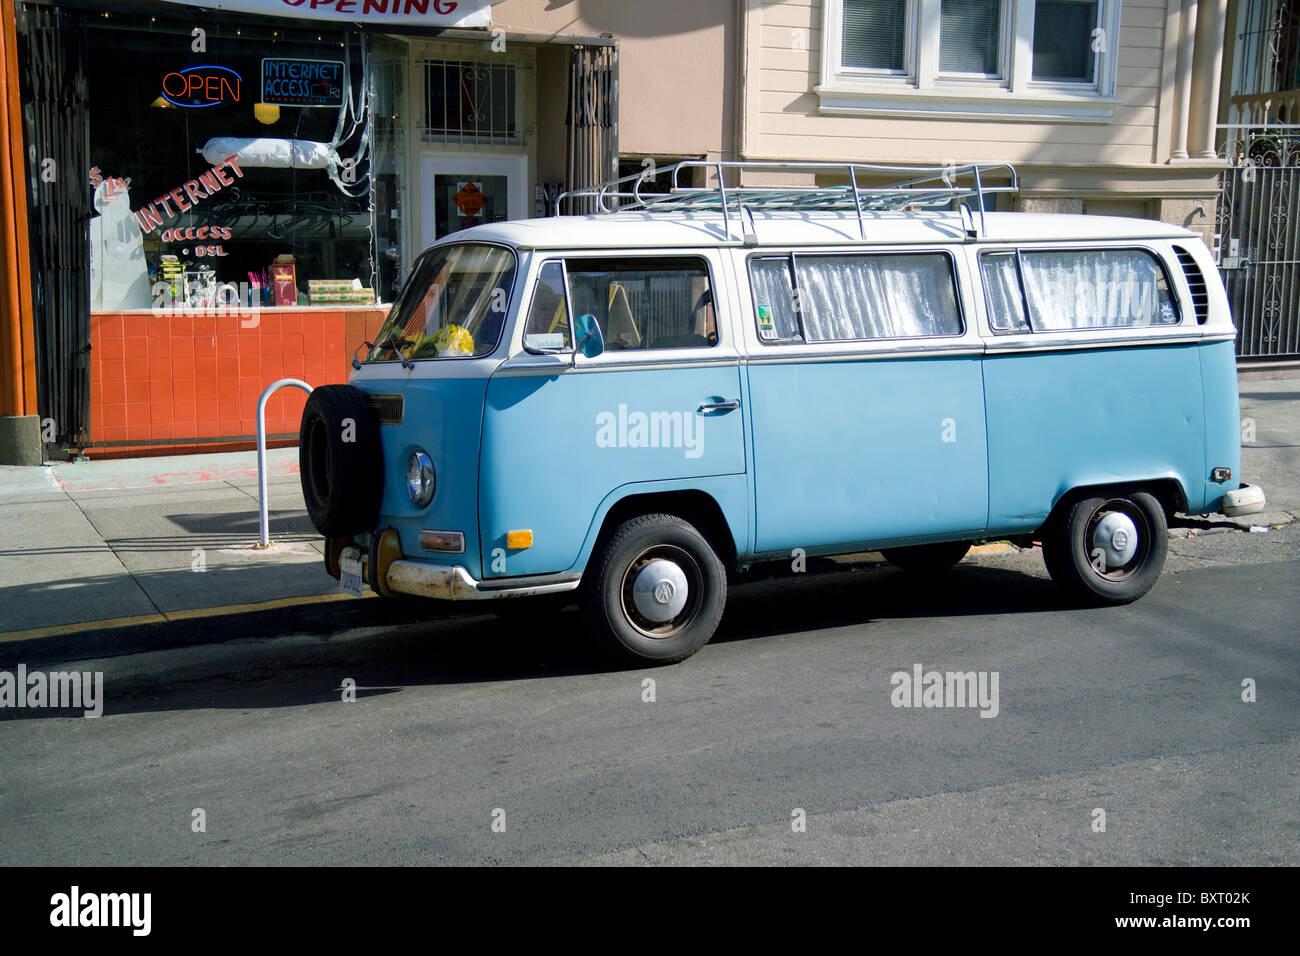 Old VW van outside of internet cafe - Stock Image